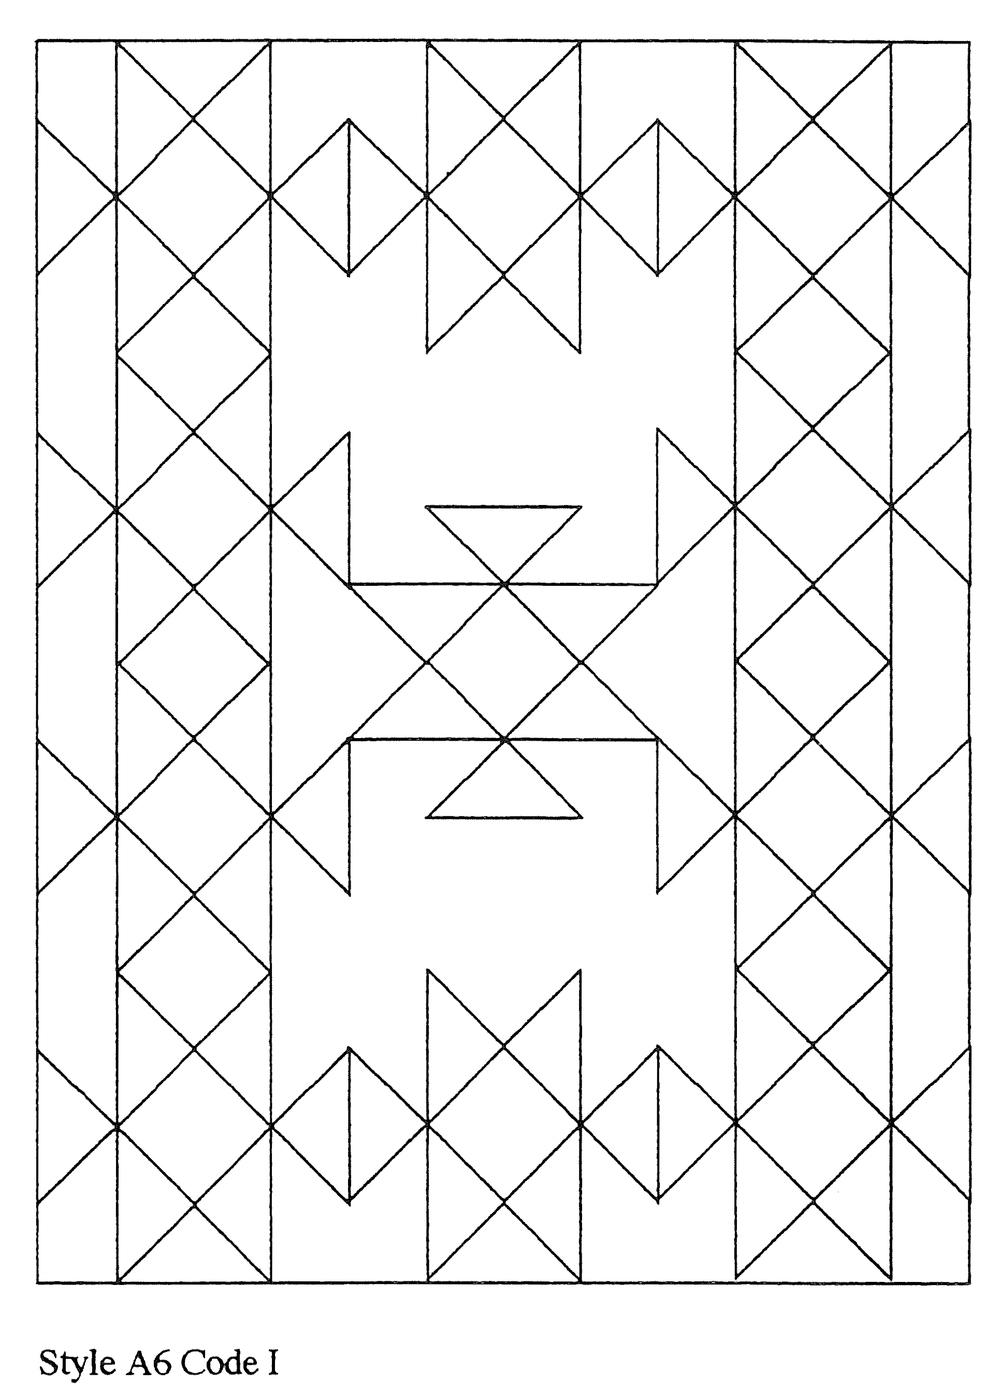 P7-A6.jpg